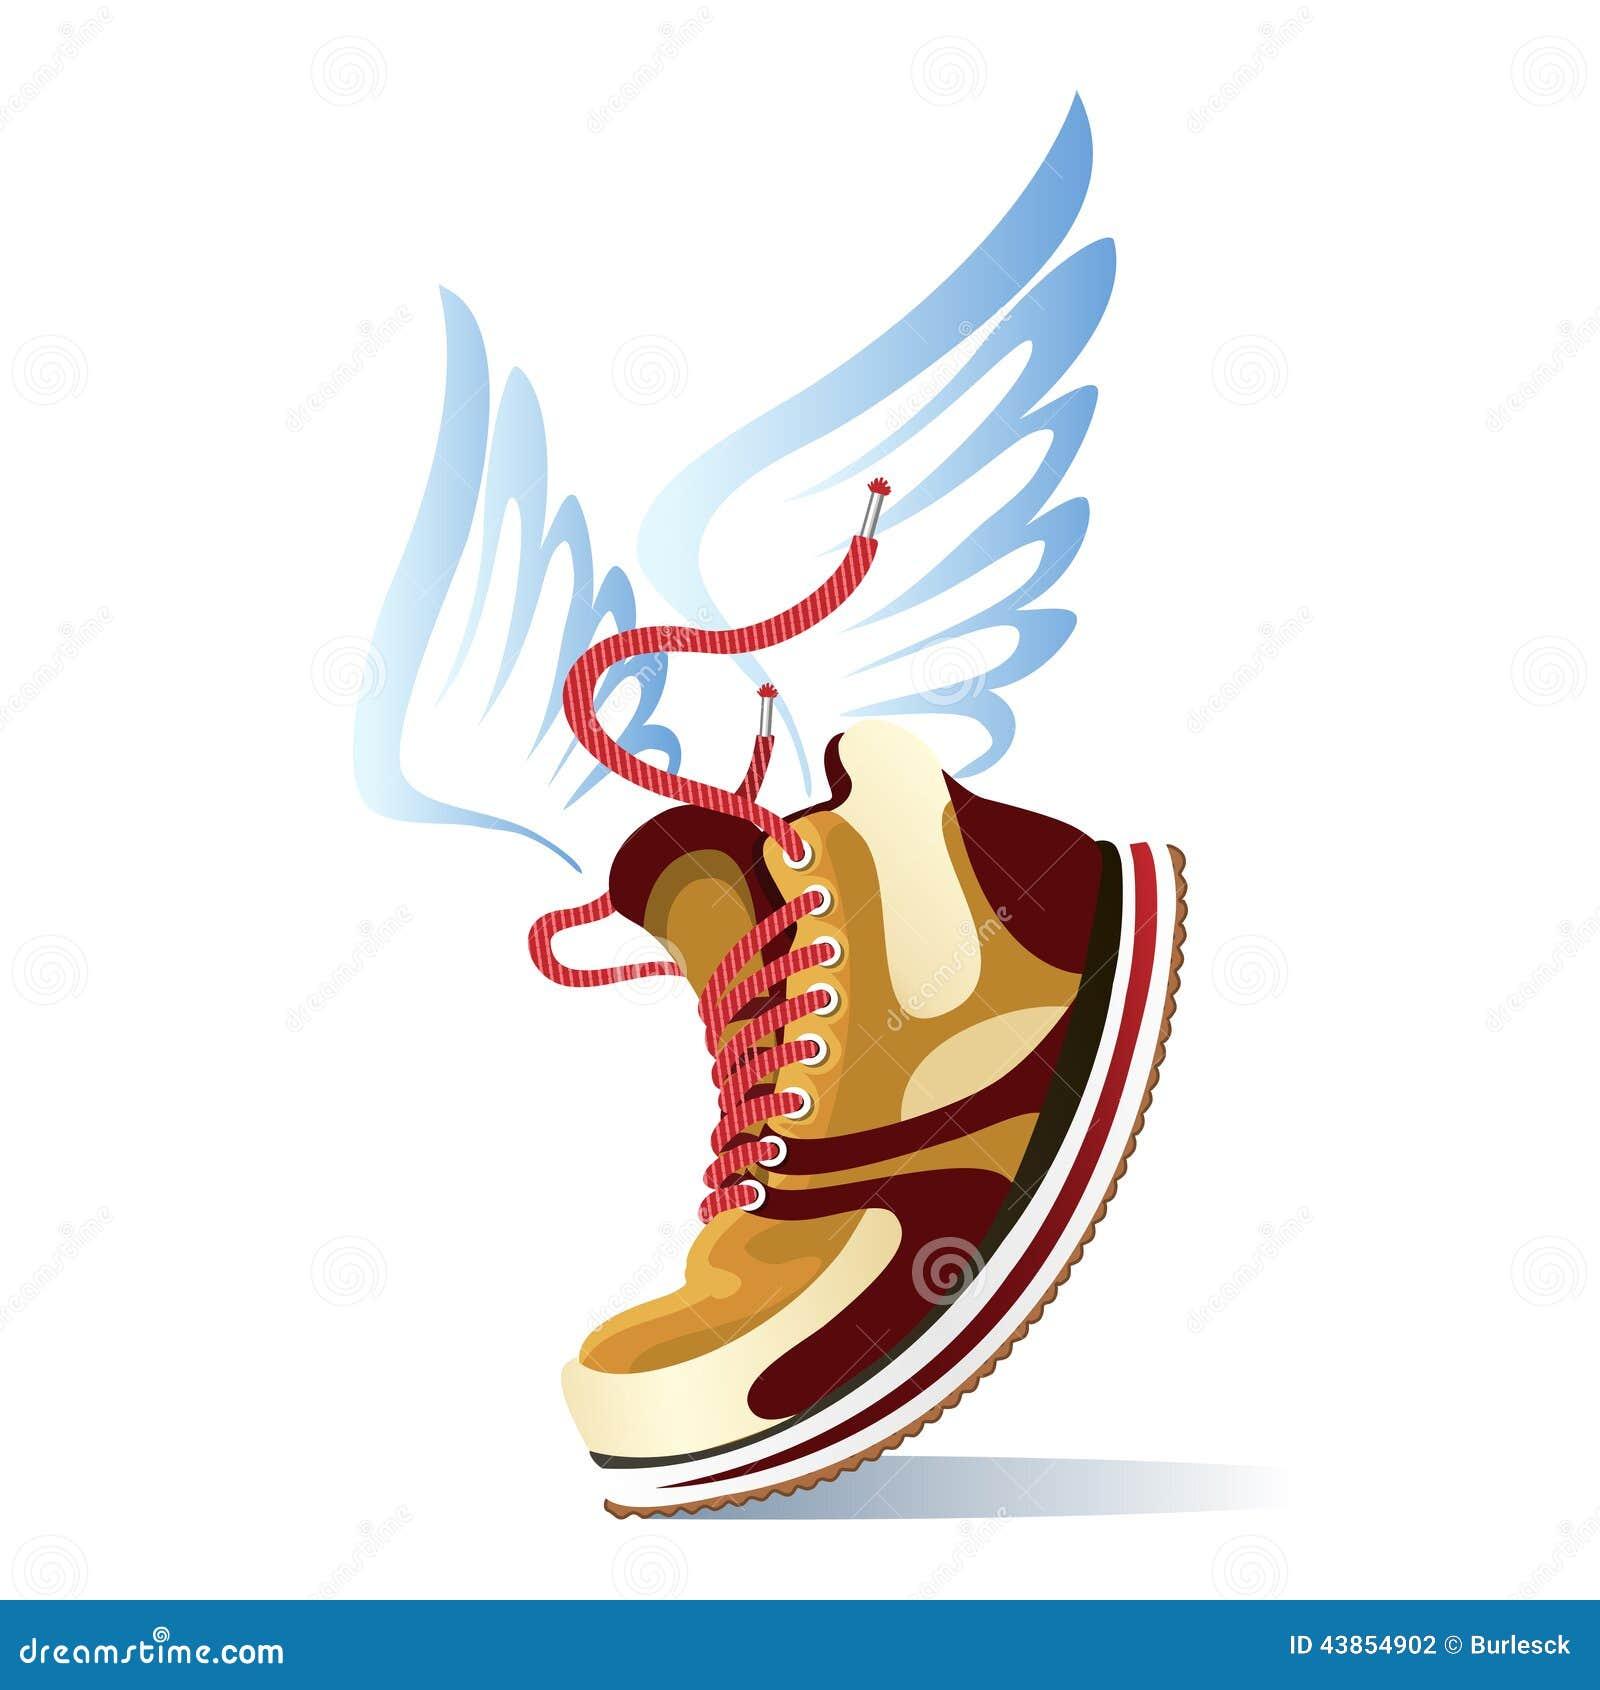 Running Shoe Logo Images